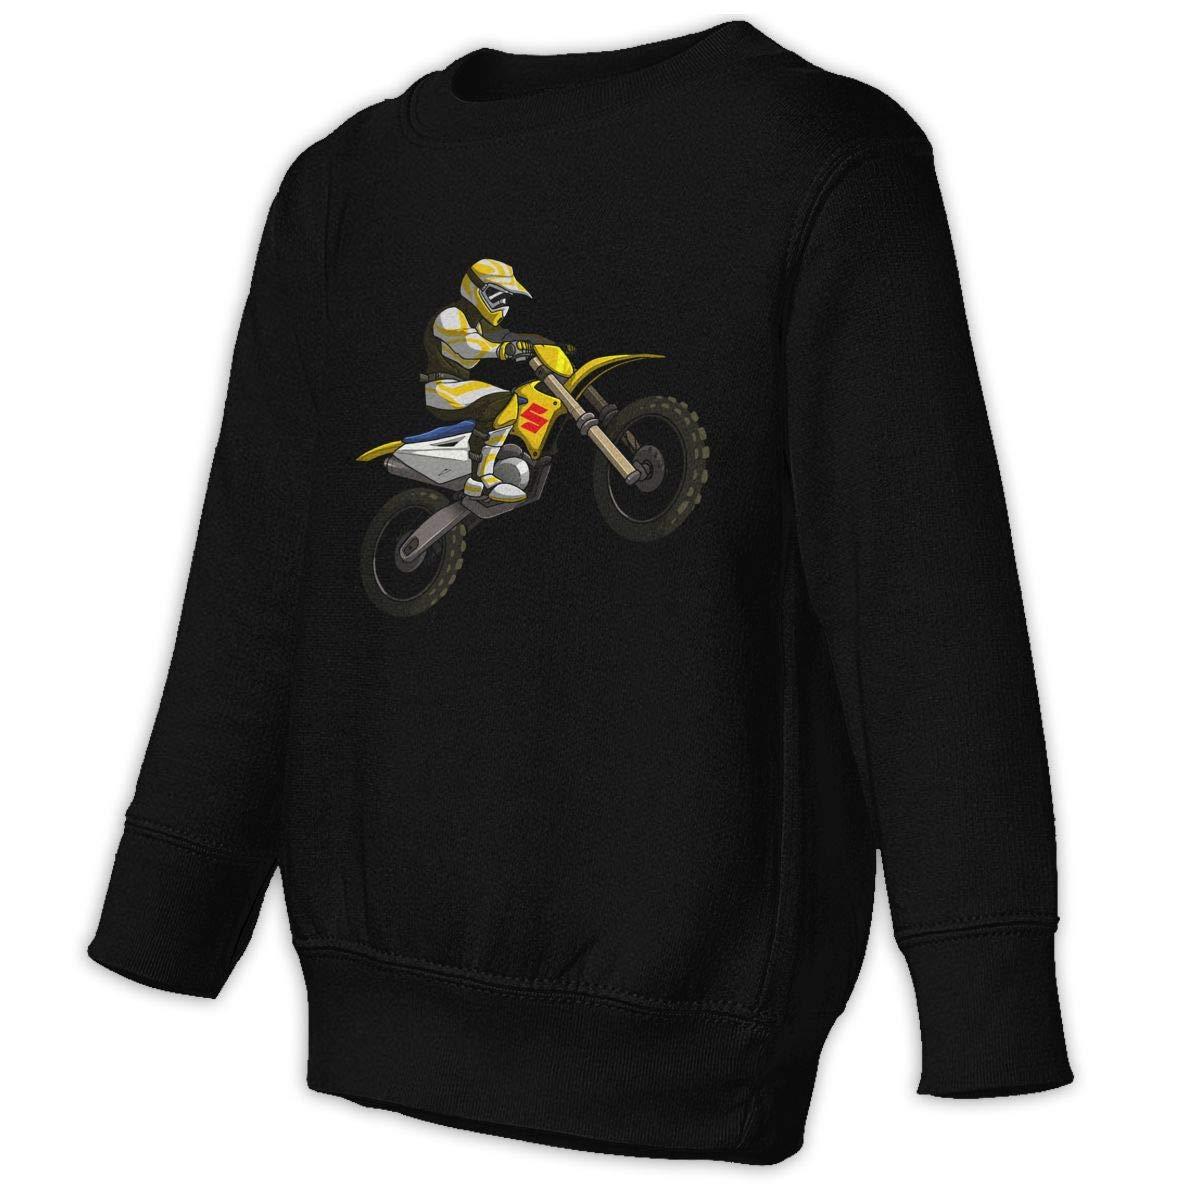 BOYS PERSONALISED MOTOCROSS DIRT BIKE HOODIE CHILDRENS HOODY ALL AGES